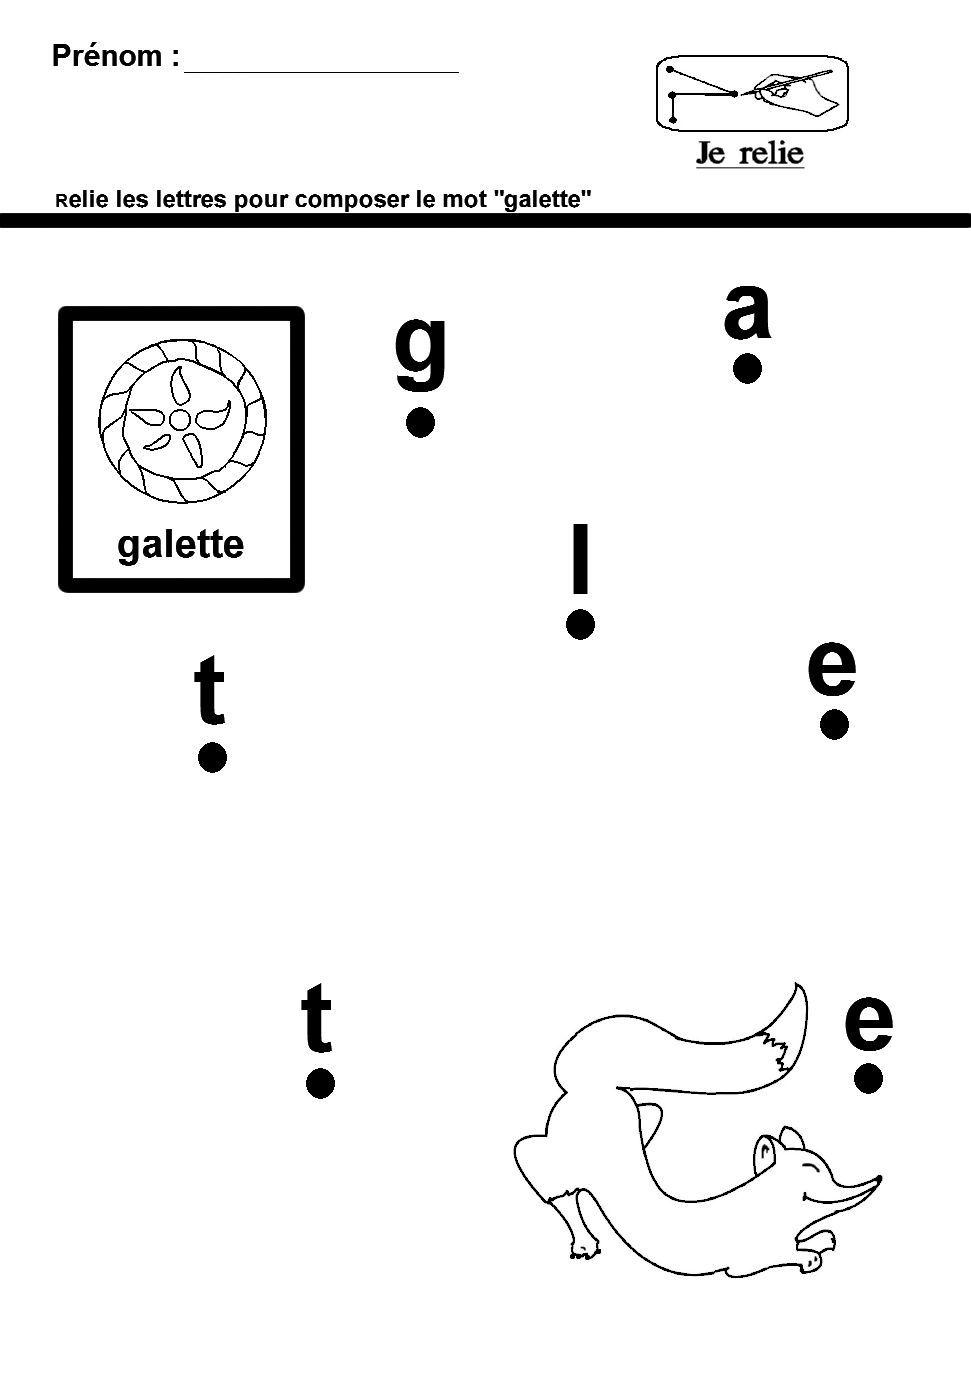 F te dss rois roule galette - Image roule galette imprimer ...